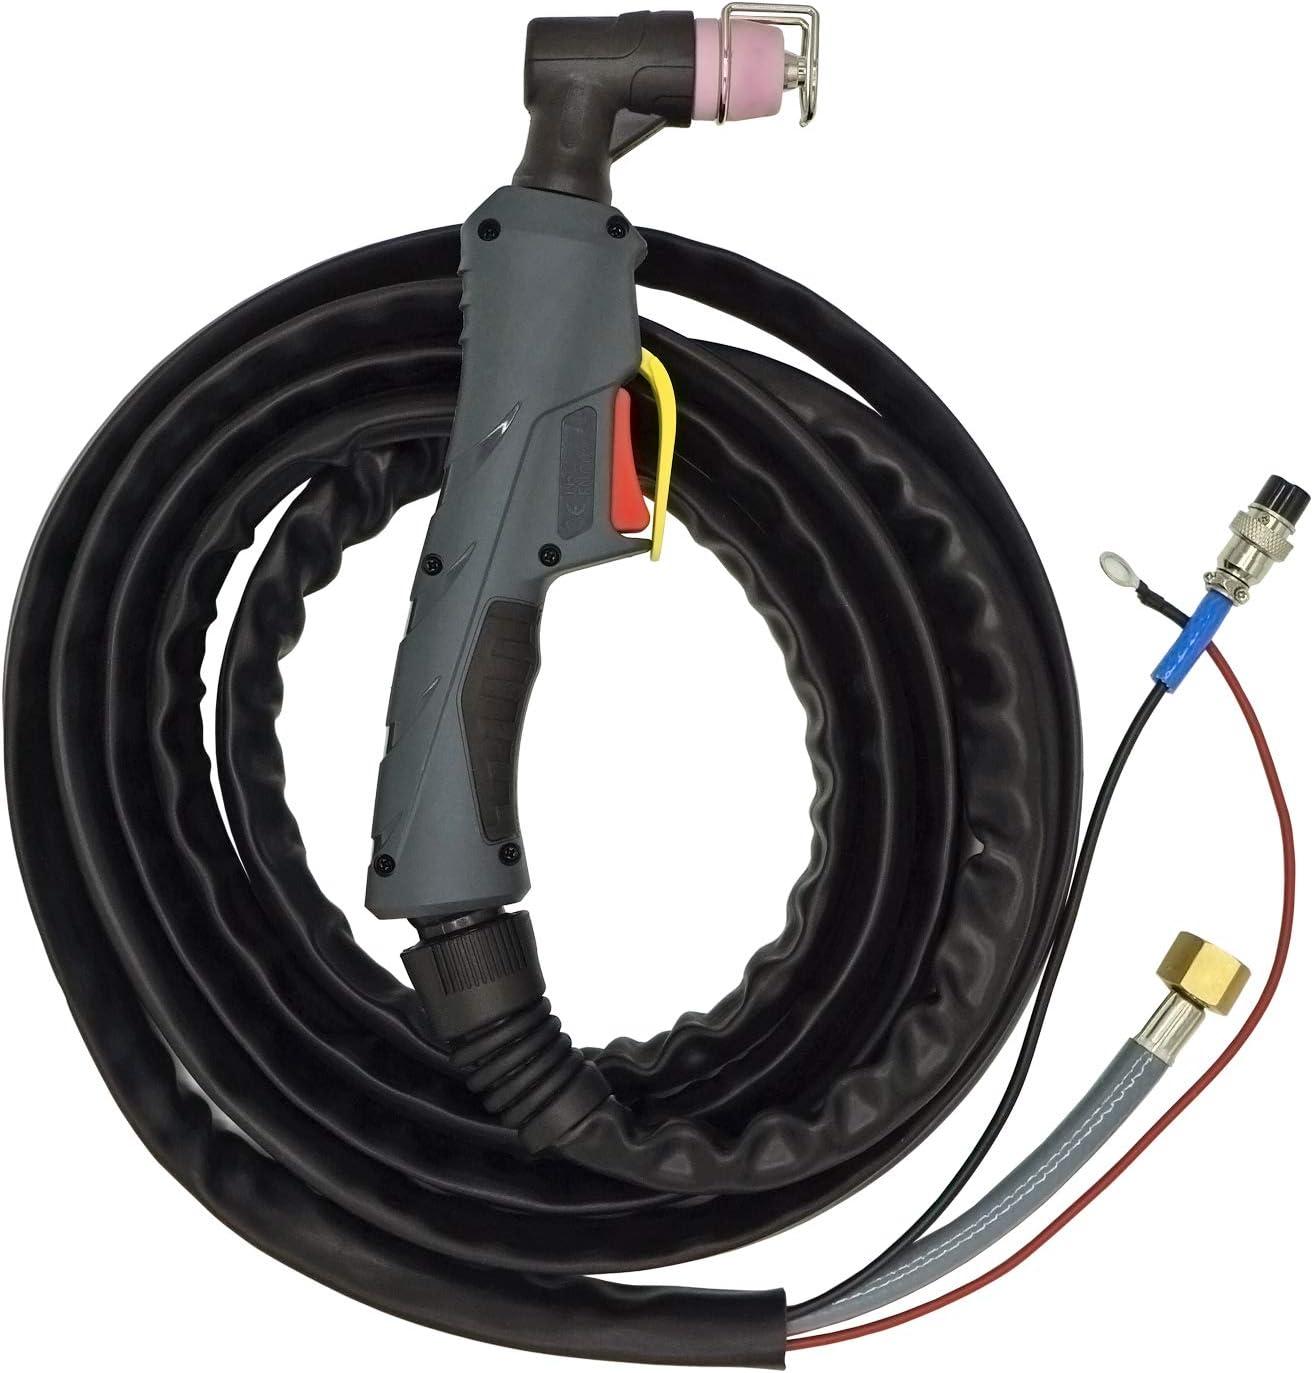 Rboot Cortador de plasma 50Amps 220V Arco piloto sin contacto Cortador de metal compacto AC 1//2 Limpio